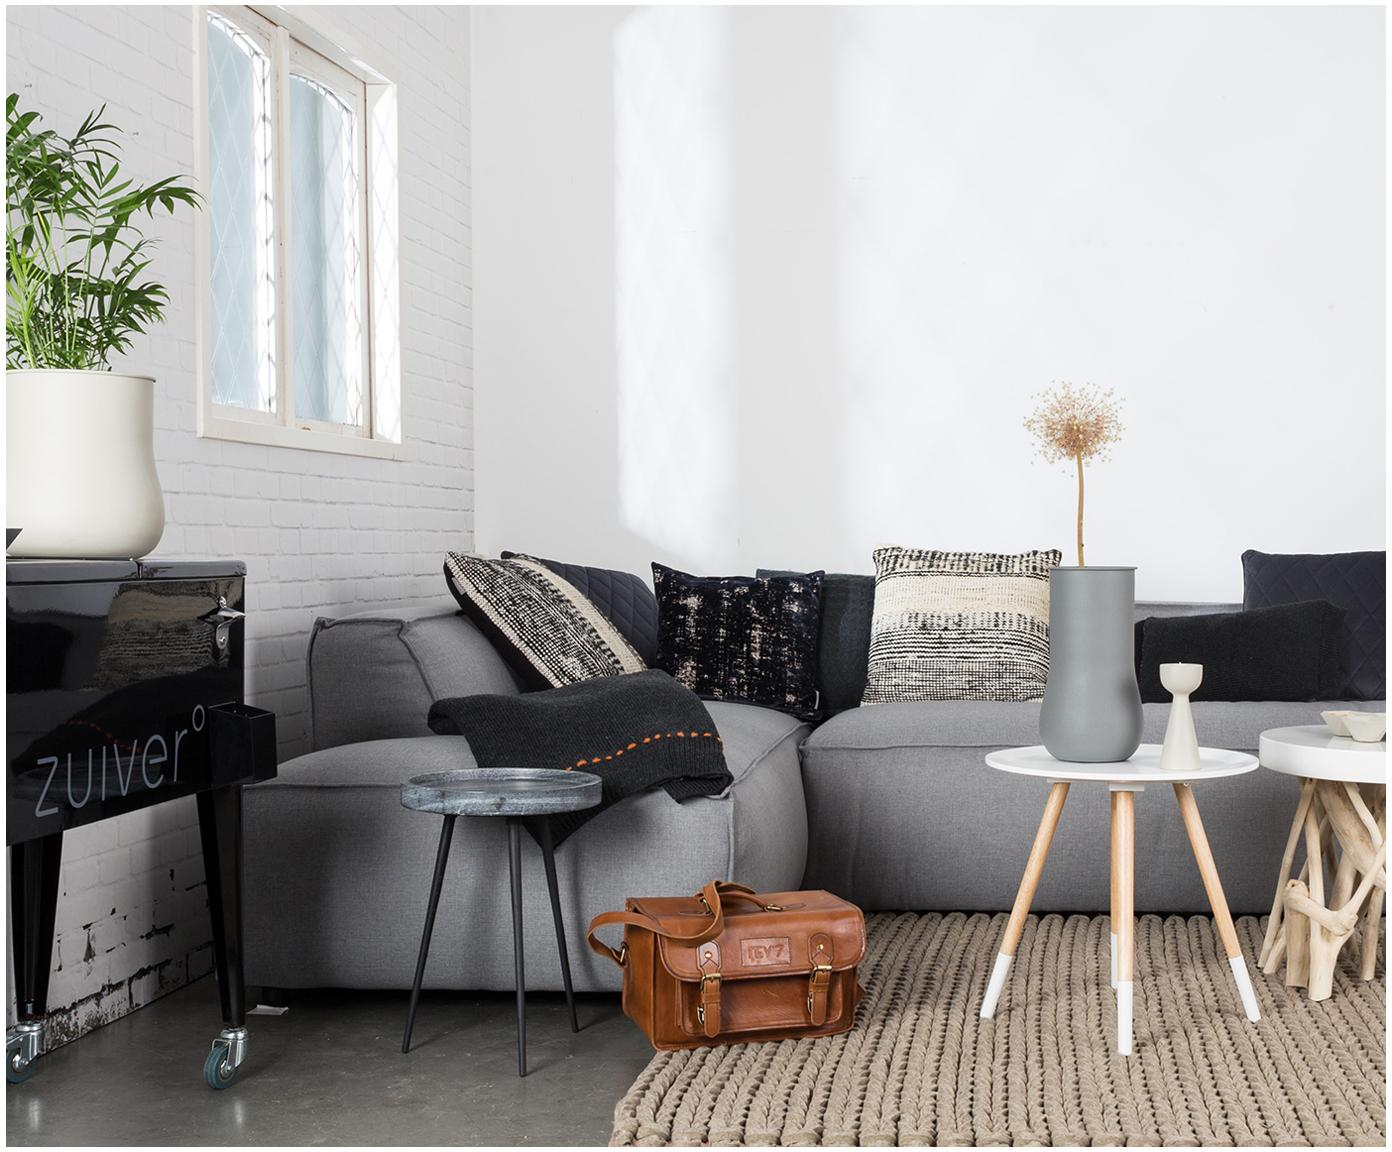 Stolik pomocniczy z marmuru Karrara, Blat: marmur, Nogi: metal malowany proszkowo, Blat: szary, marmurowy<br>Nogi: czarny, Ø 33 x W 45 cm